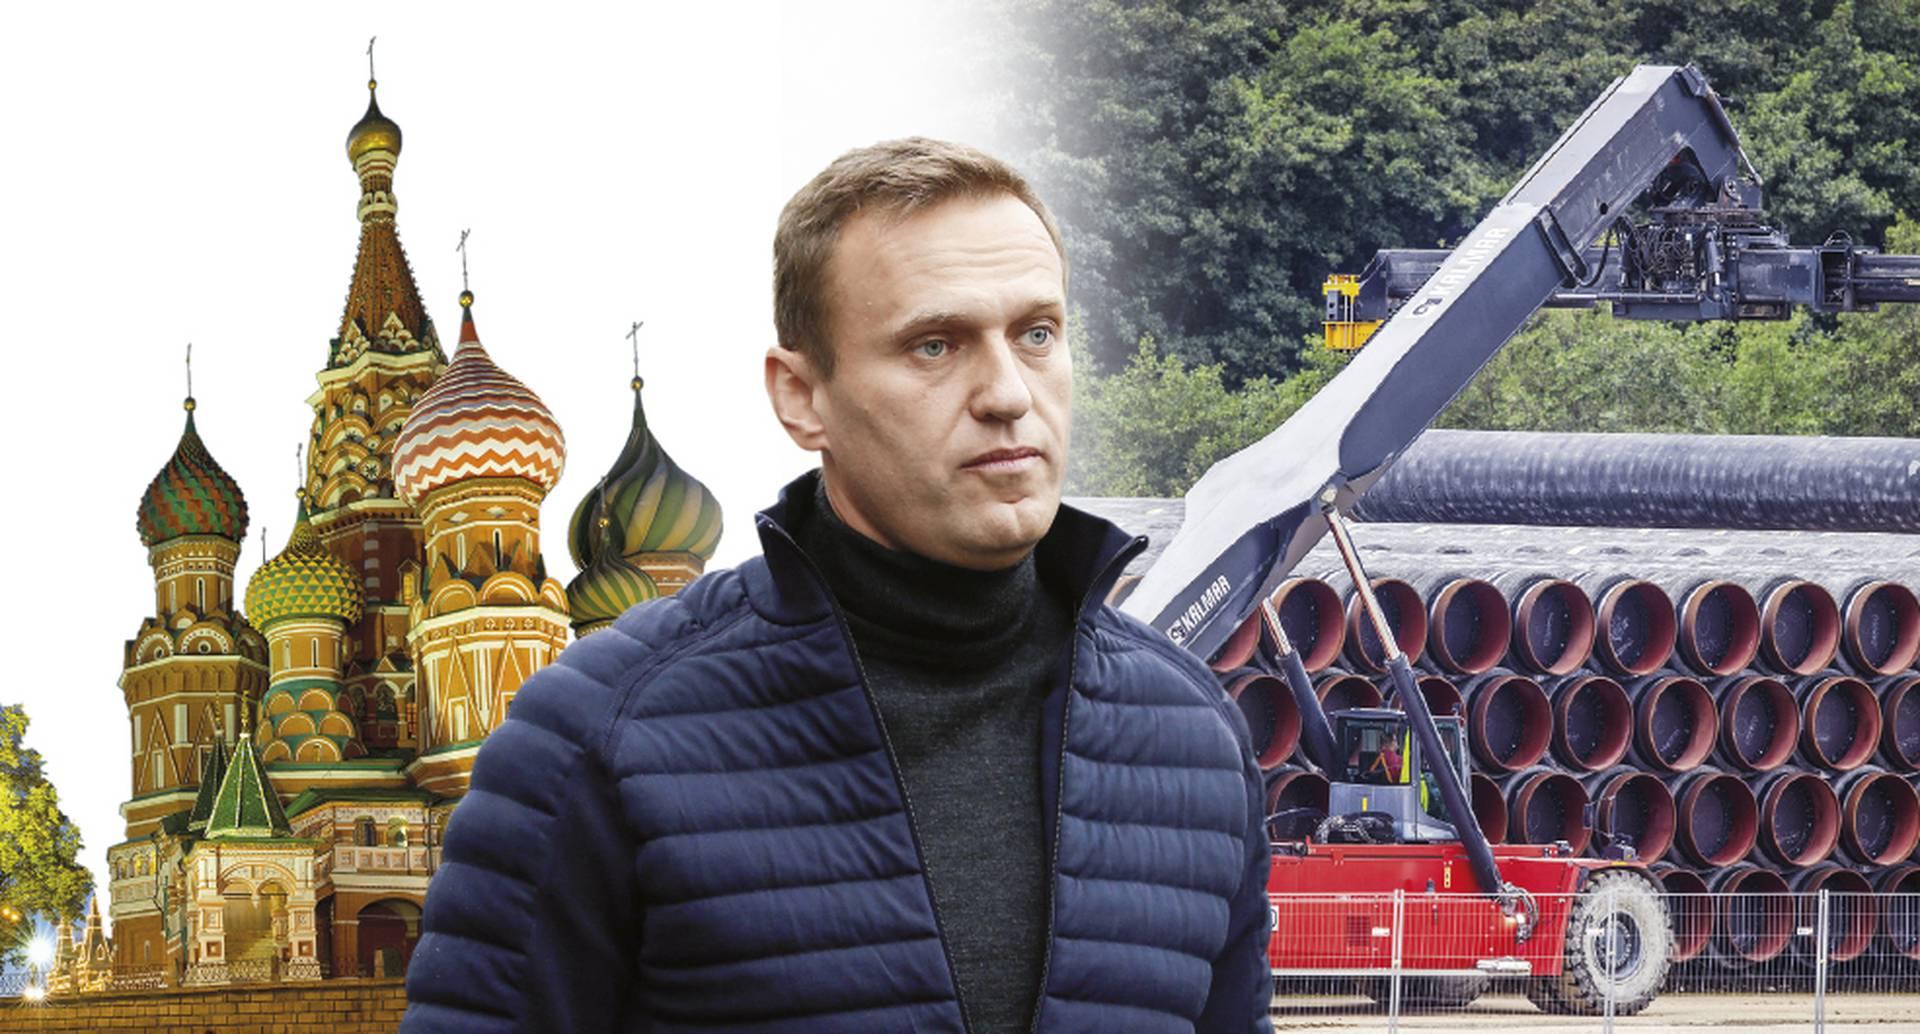 Alexéi NavalniOpositor ruso.Alexéi Navalni despertó esta semana de un coma inducido luego de que lo envenenaron en un evento de campaña. Por este hecho, Alemania amenazó con suspender definitivamente la construcción del gasoducto Nord Stream 2.